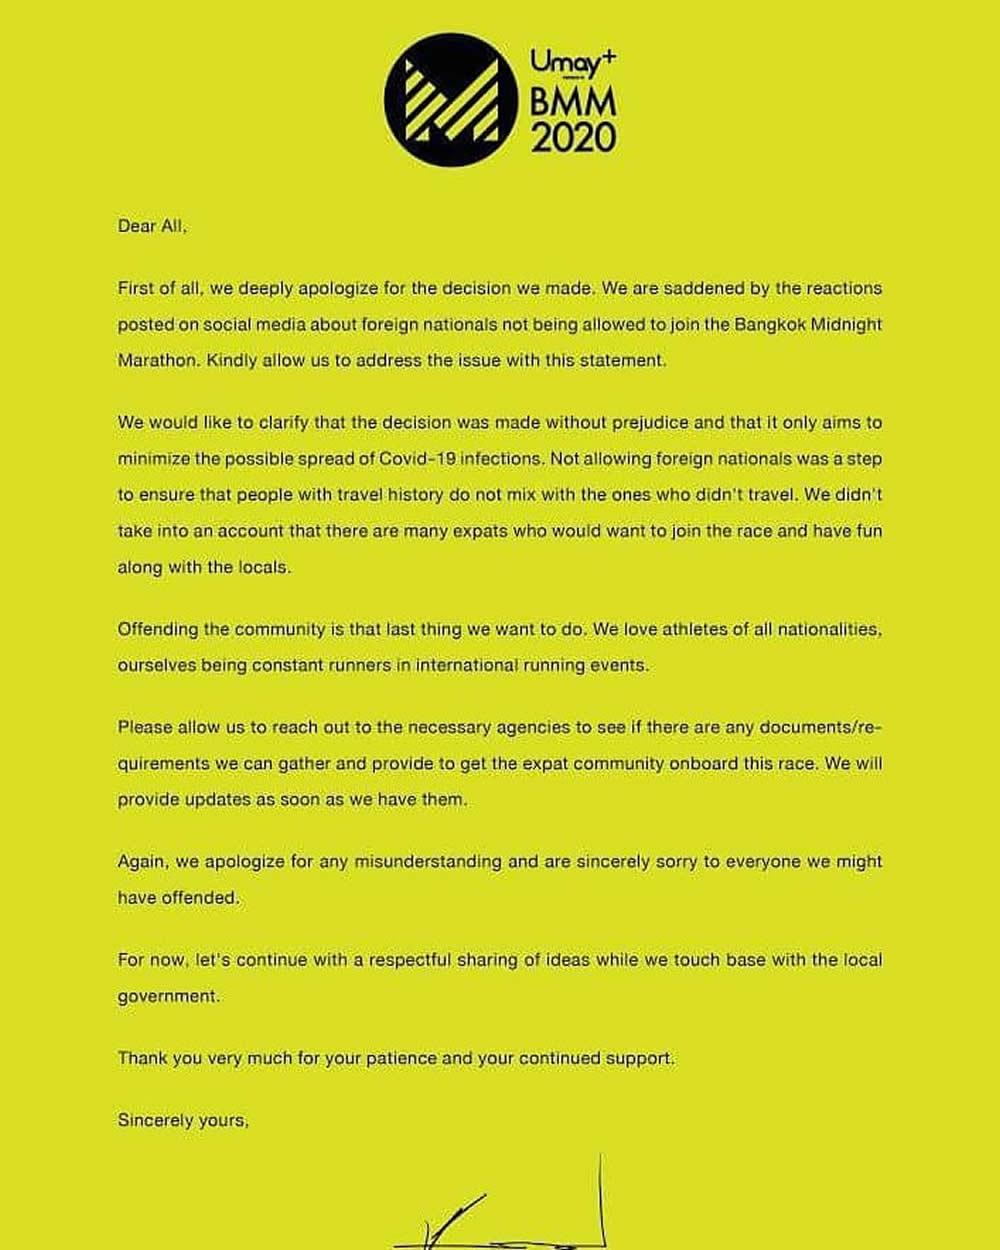 外国人排除のマラソン大会、批判を受け謝罪し参加資格を再検討